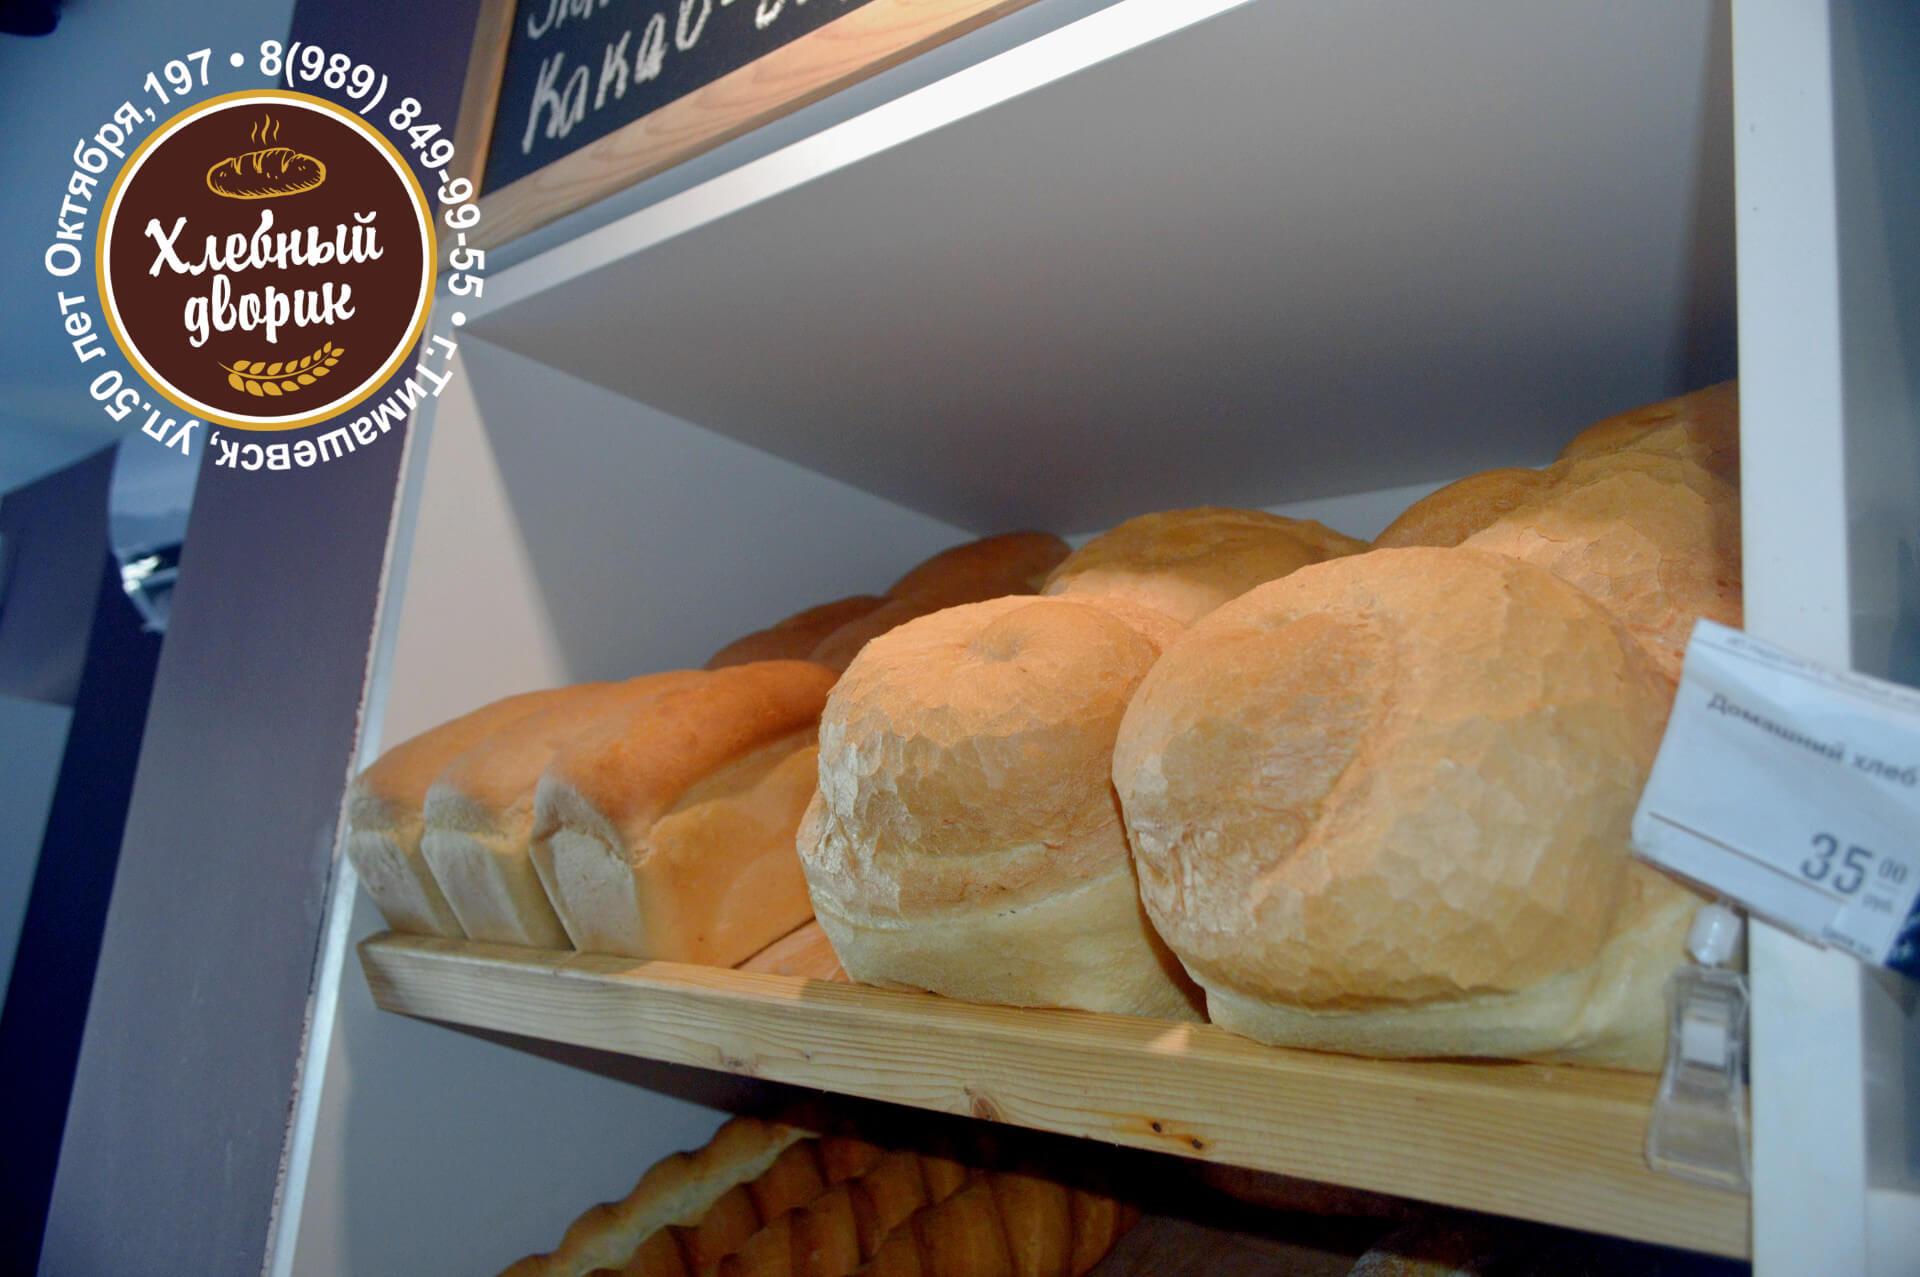 Свежий домашний хлеб в кондитерской Хлебный дворик в Тимашевске